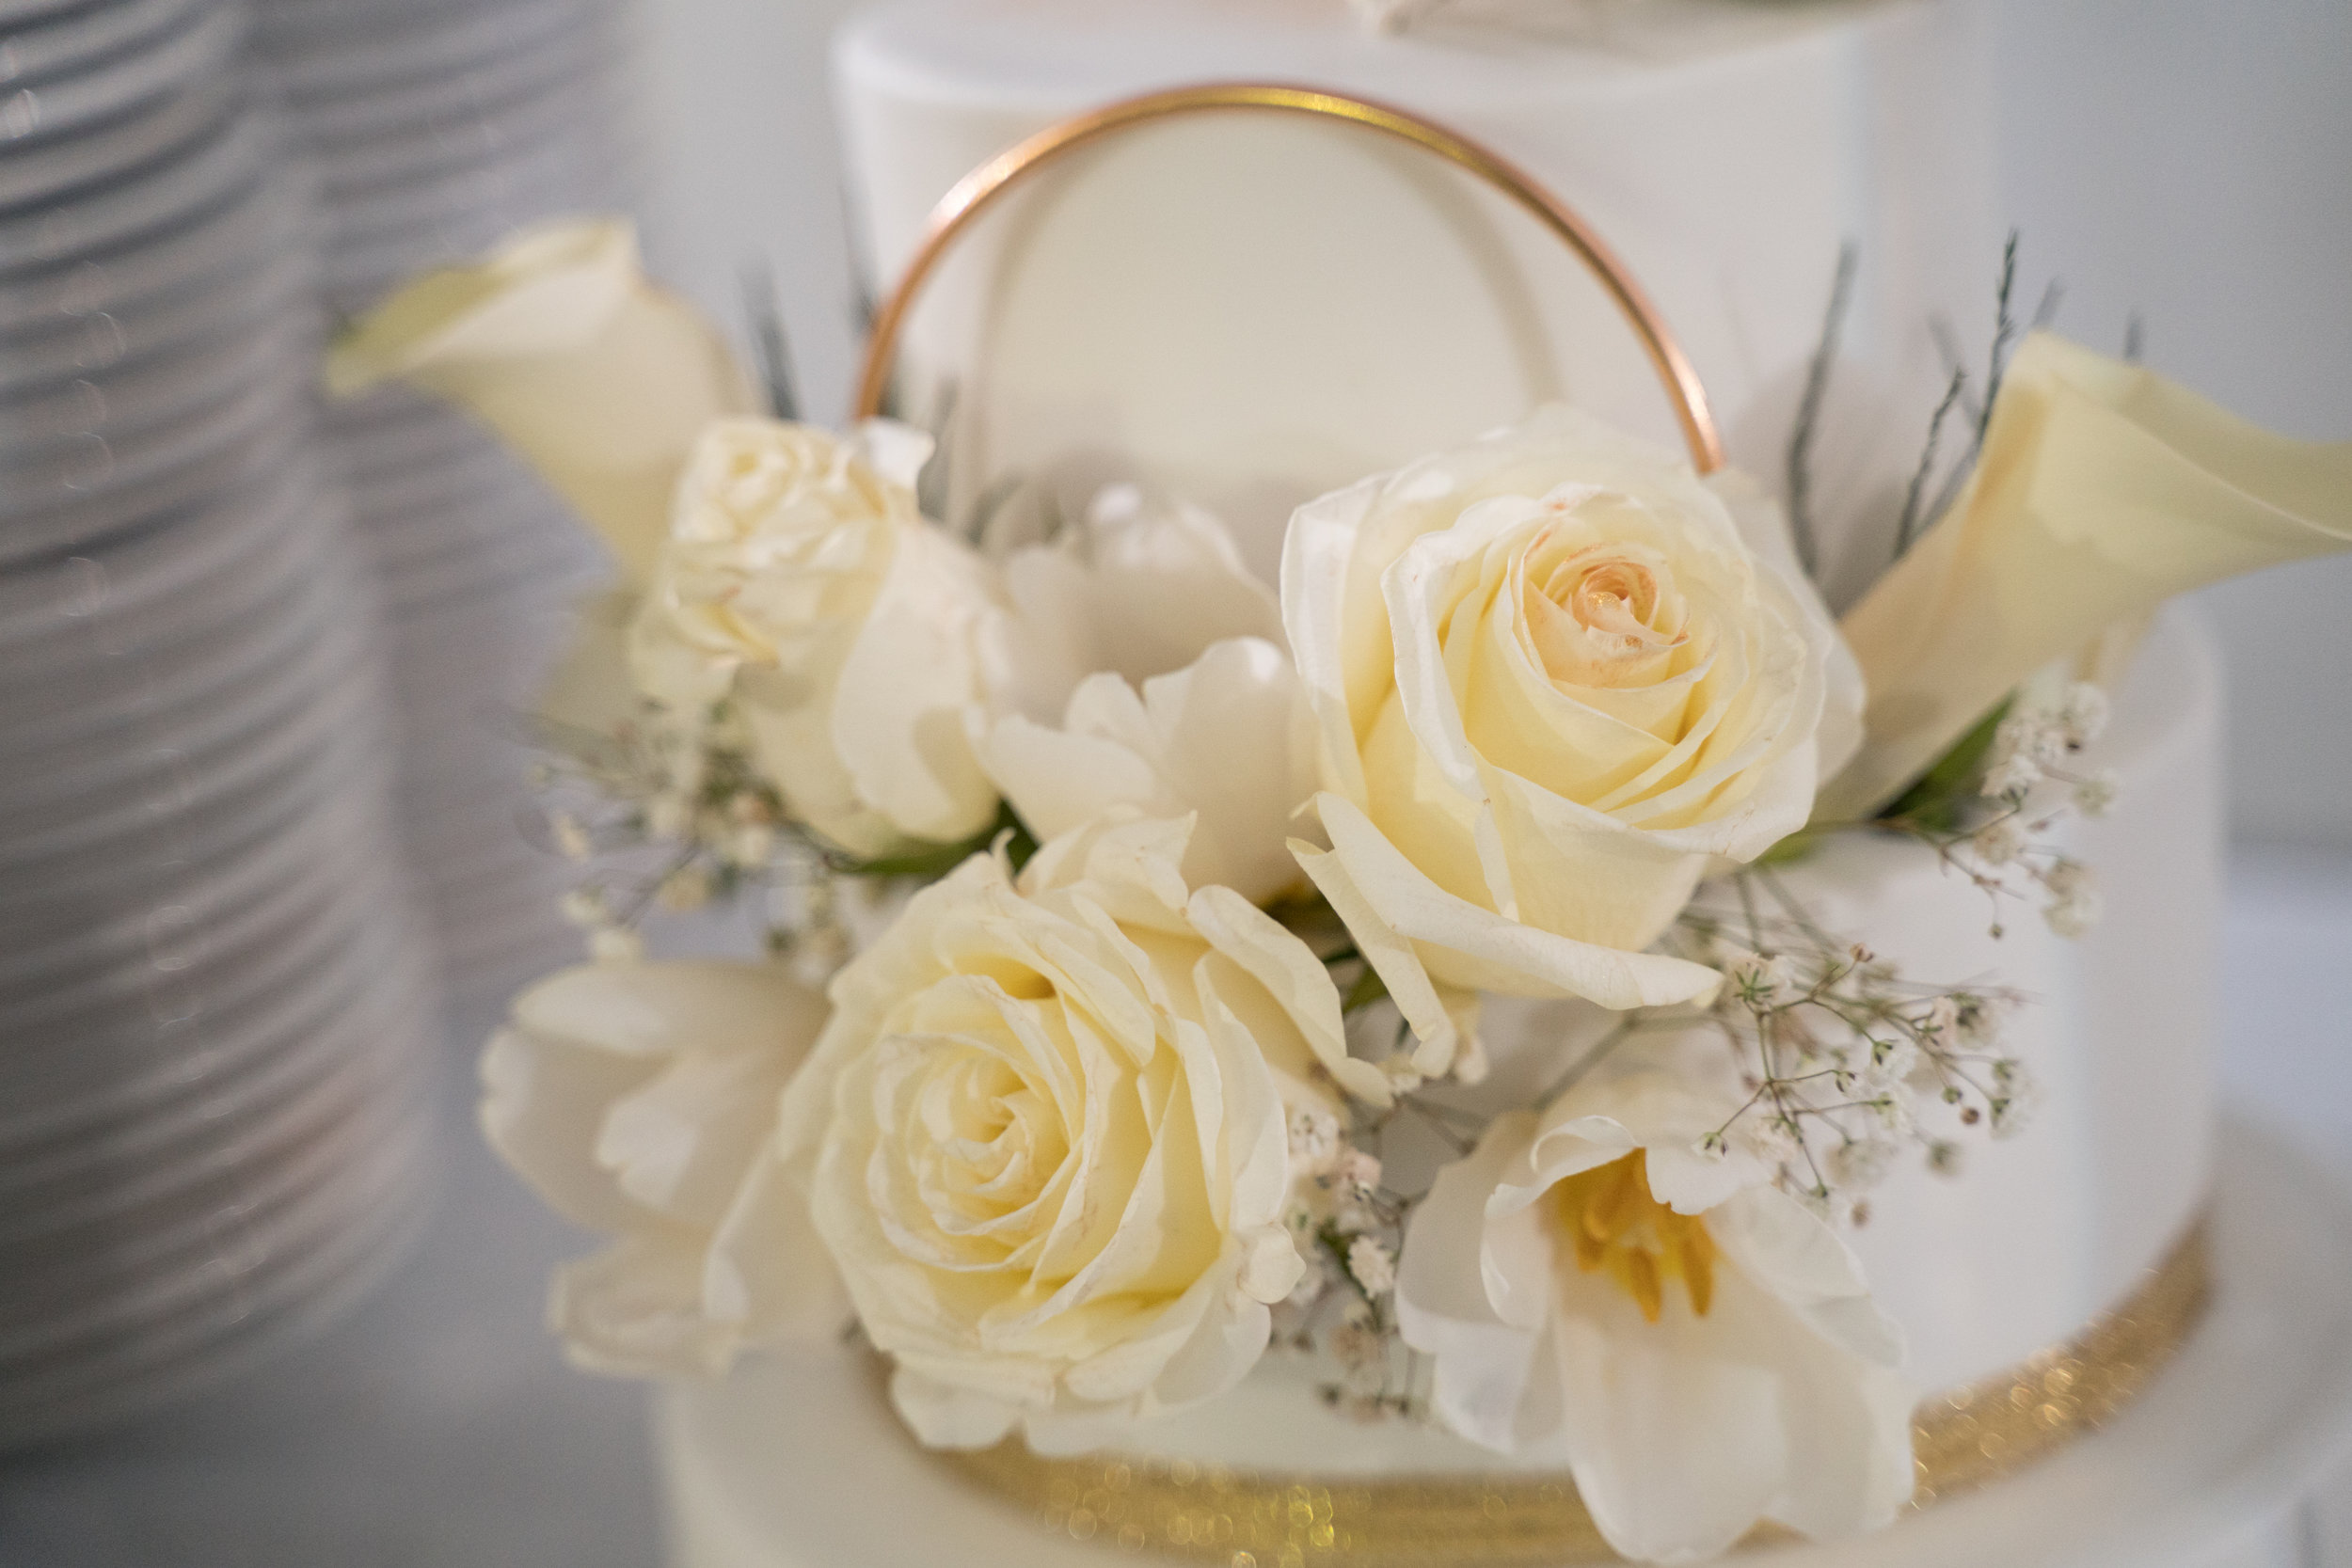 MRevenement organisation de mariage à la Réunion _ Mariage de B et JC (2).jpg